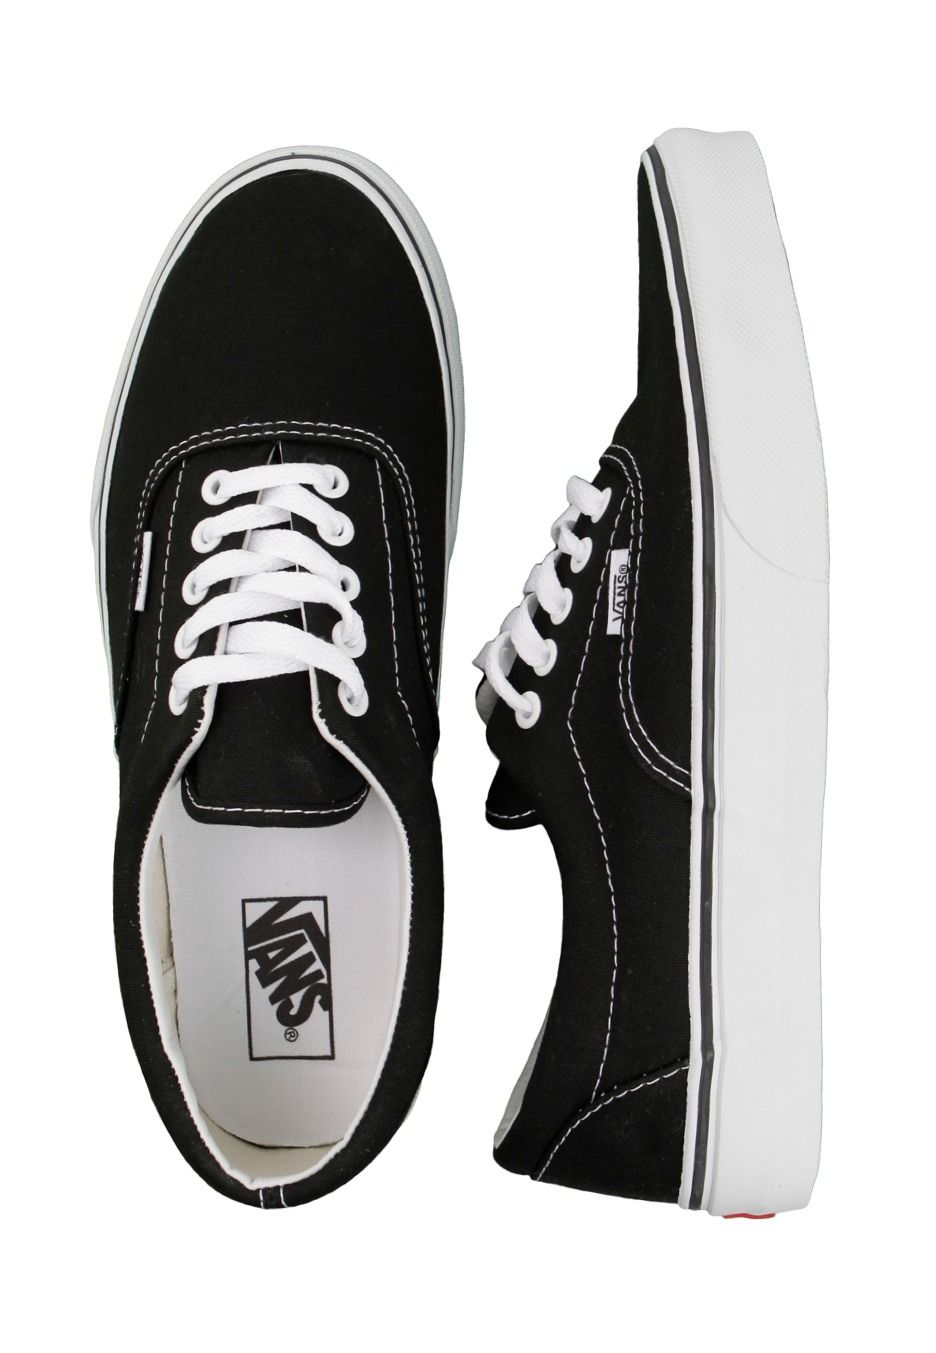 Vans - Era Black White - Shoes - Official Streetwear Online Shop -  Impericon.com UK 7f71332e59